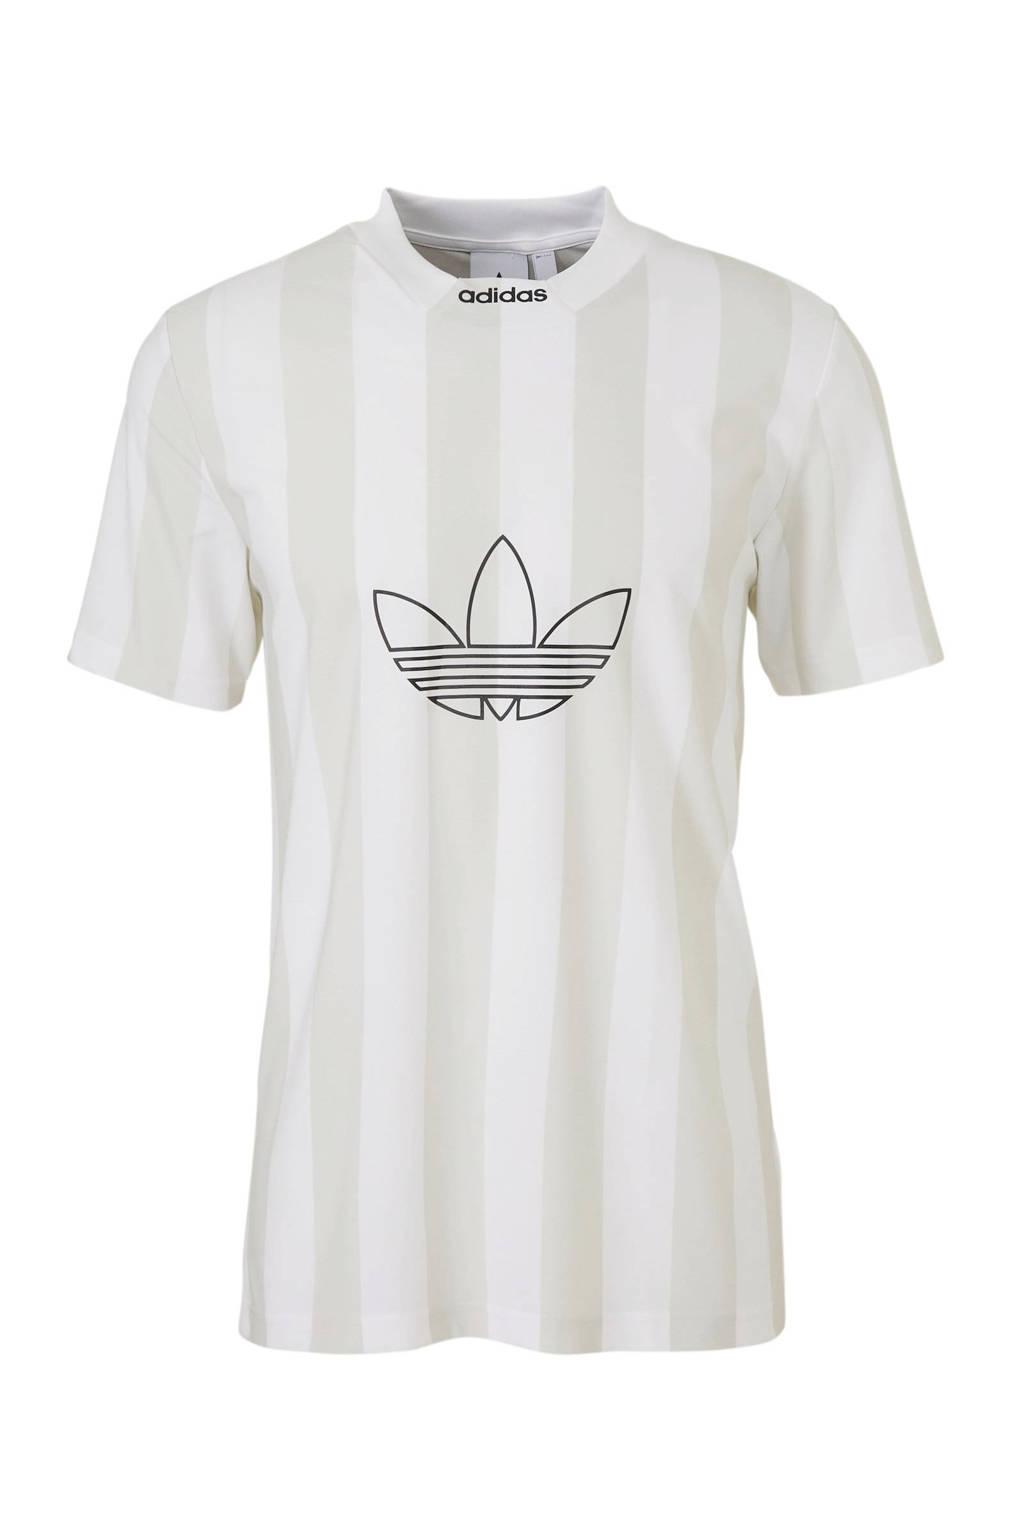 adidas originals   T-shirt wit/grijs, Wit/grijs